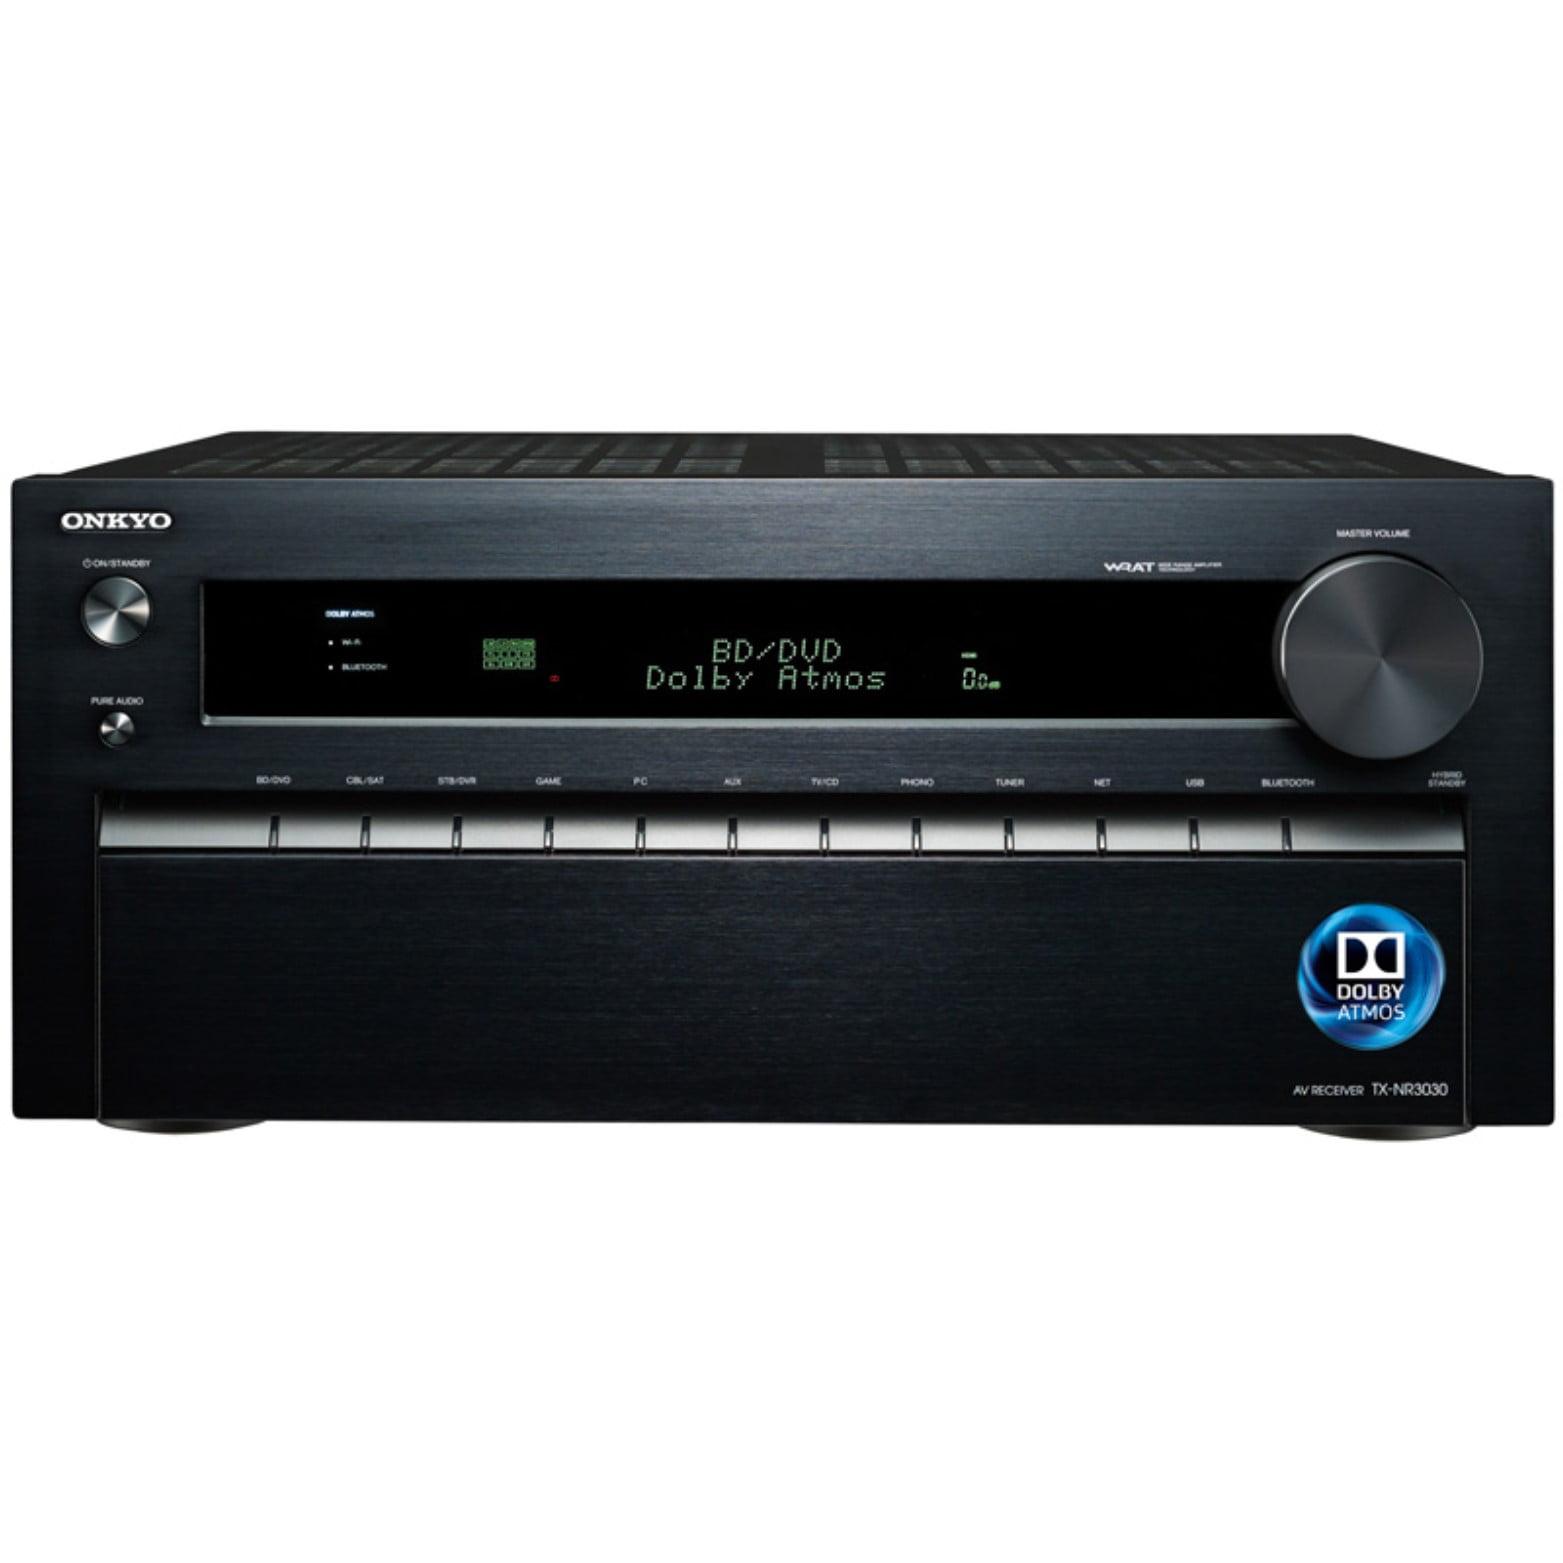 Onkyo TX-NR3030 11.2-Ch Dolby Atmos Ready Network A V Receiver w  HDMI 2.0 by Onkyo